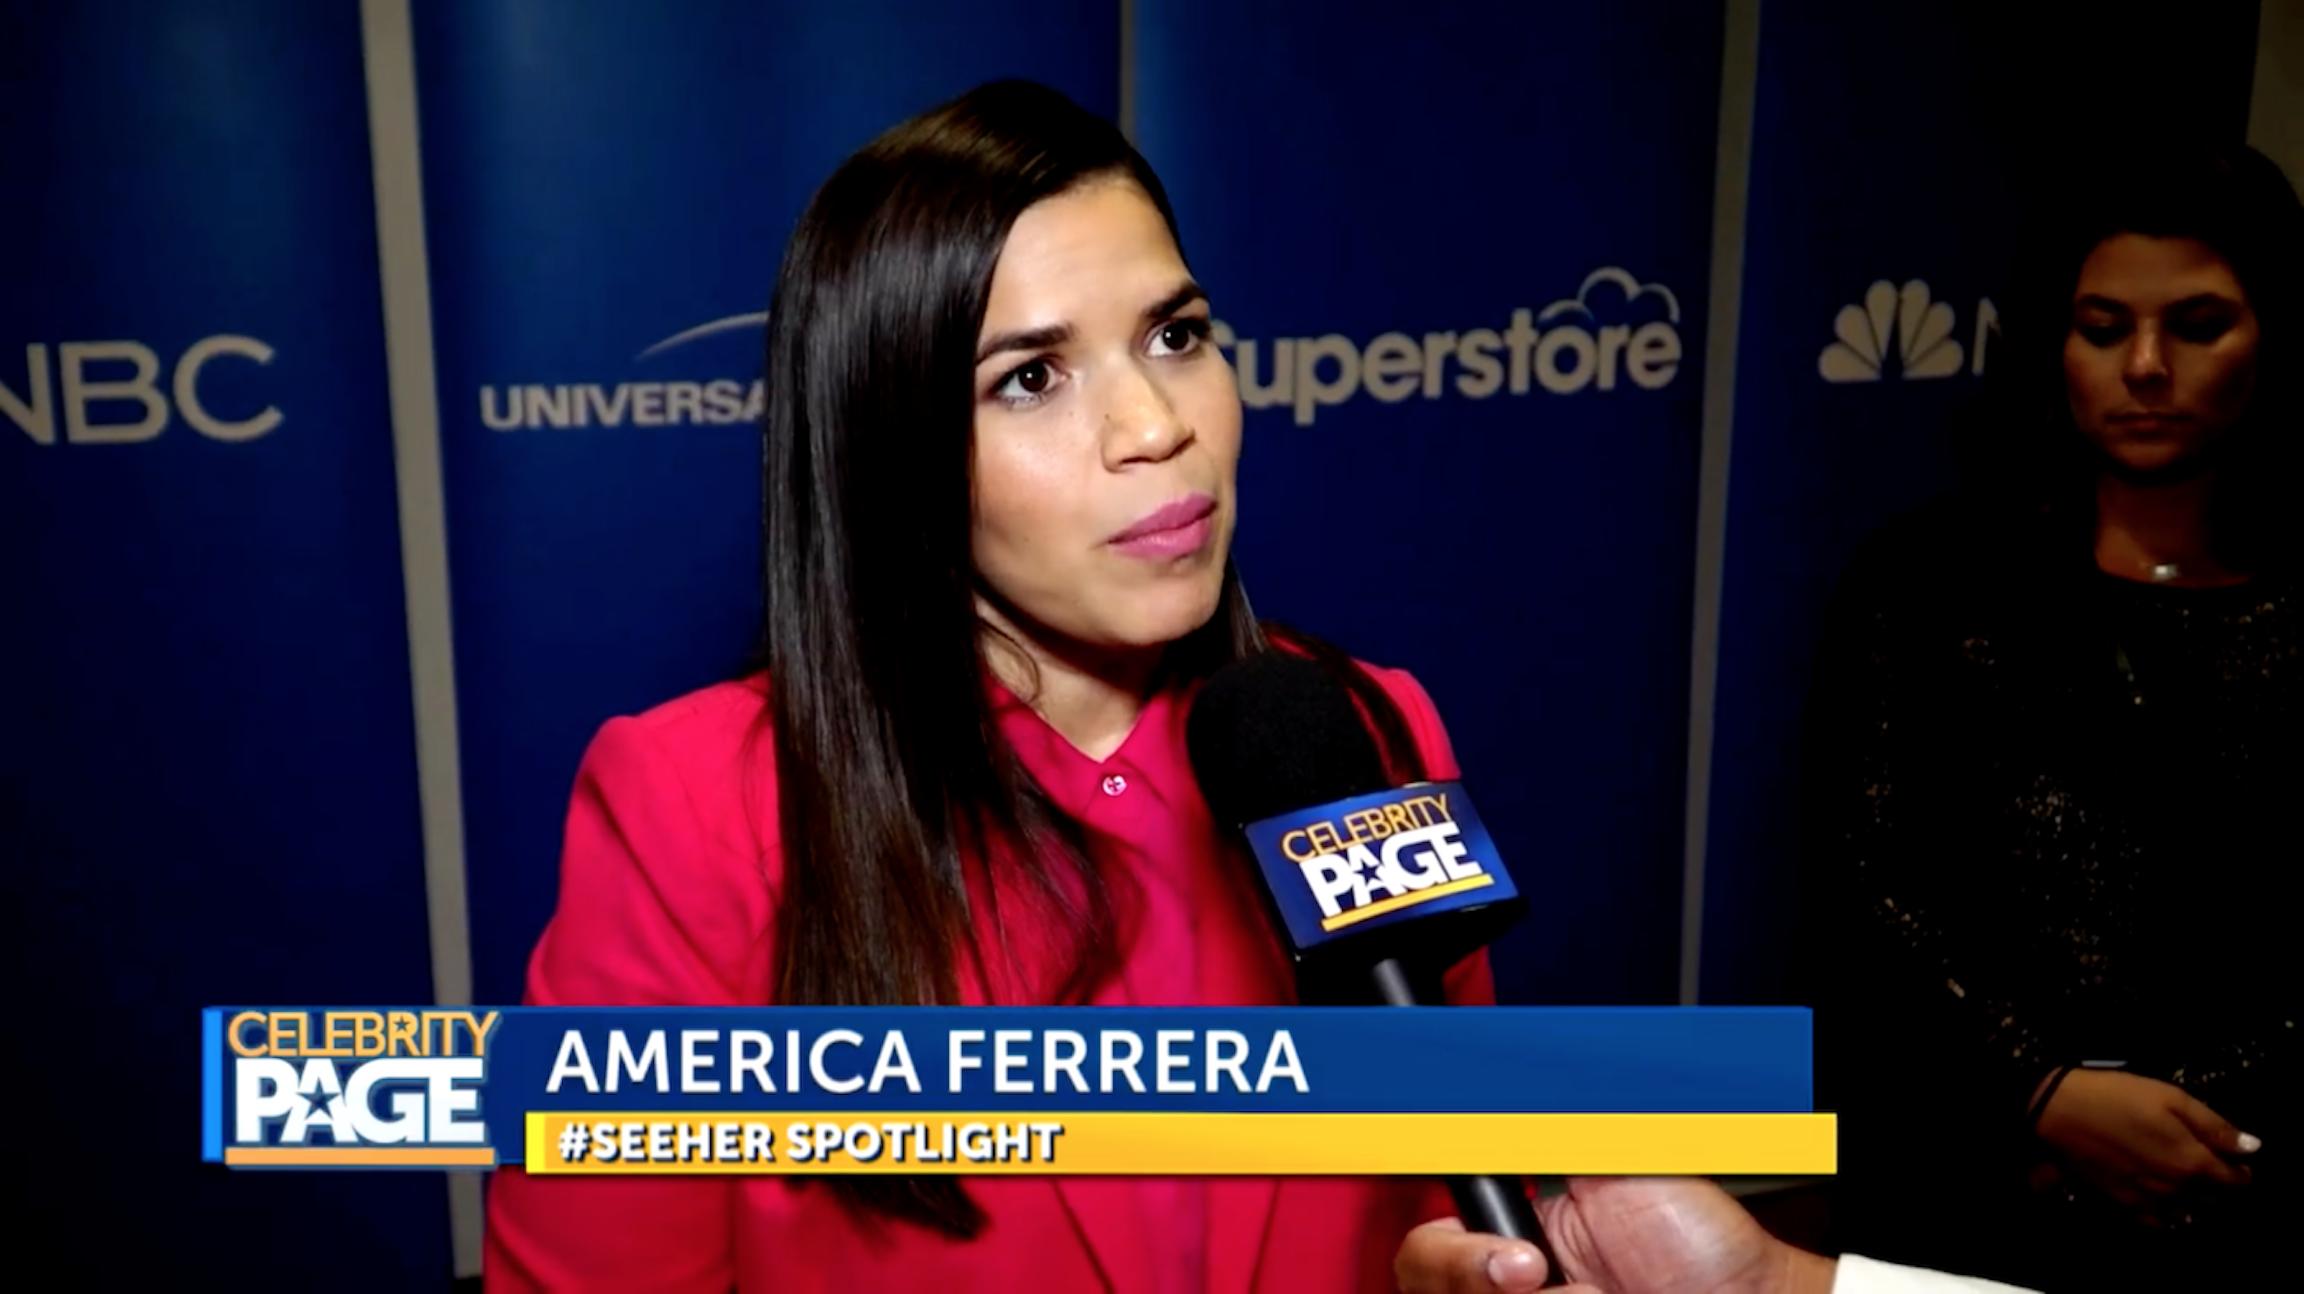 America Ferrera Superstore